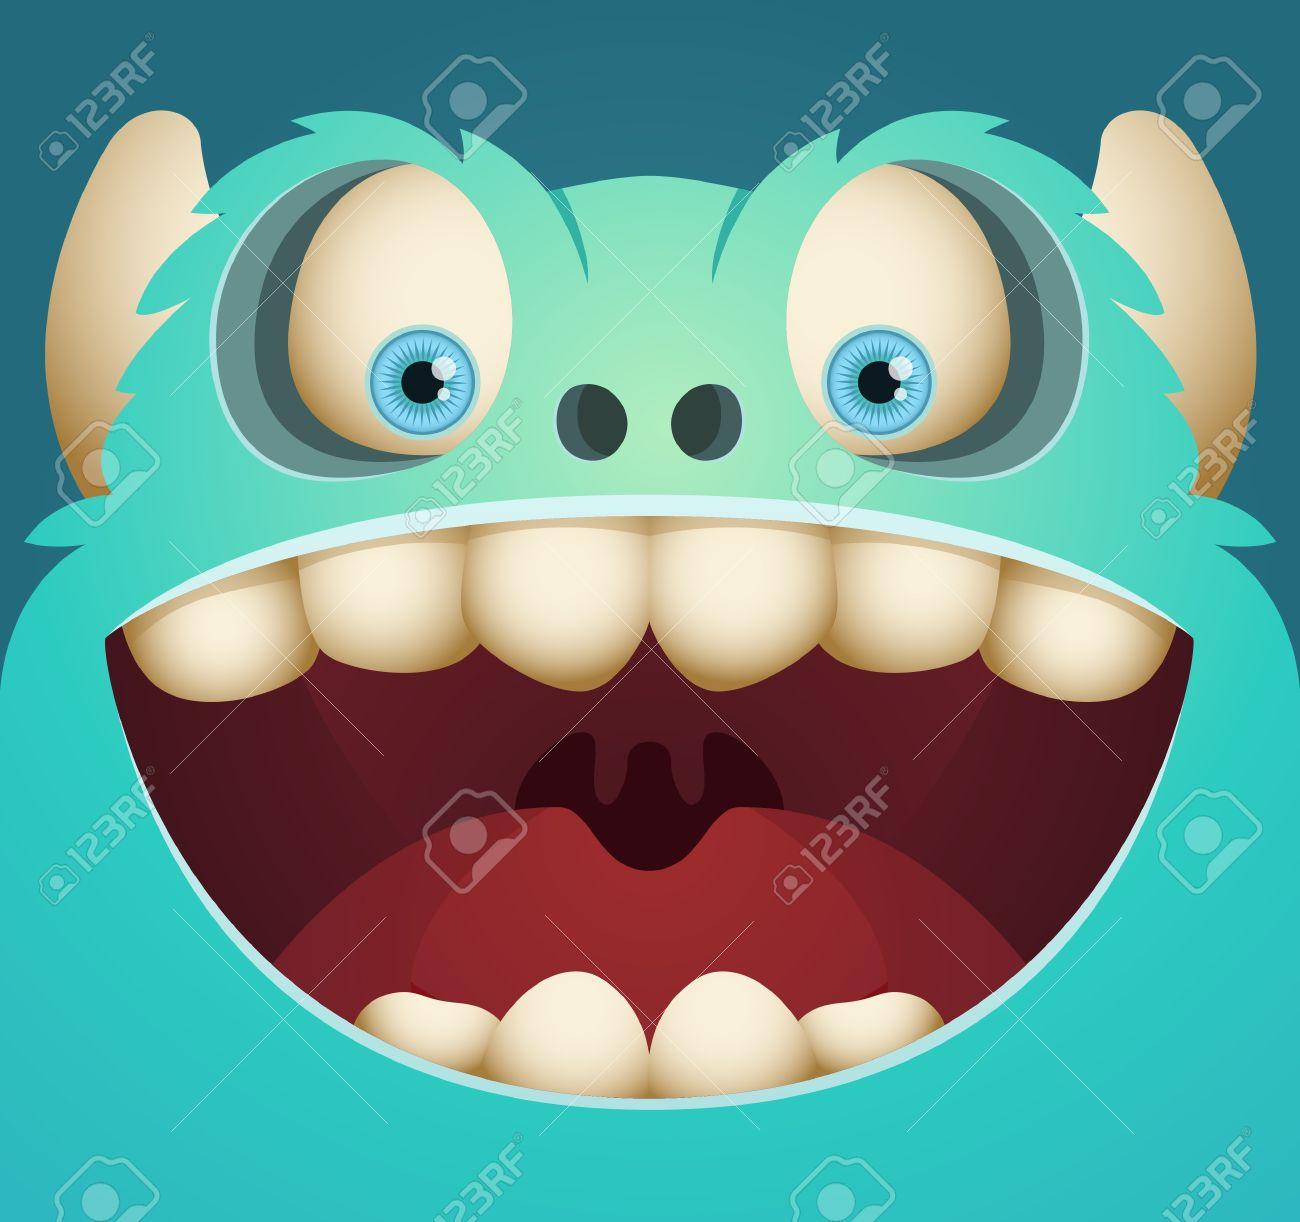 Cute Cartoon Monster - 12227454